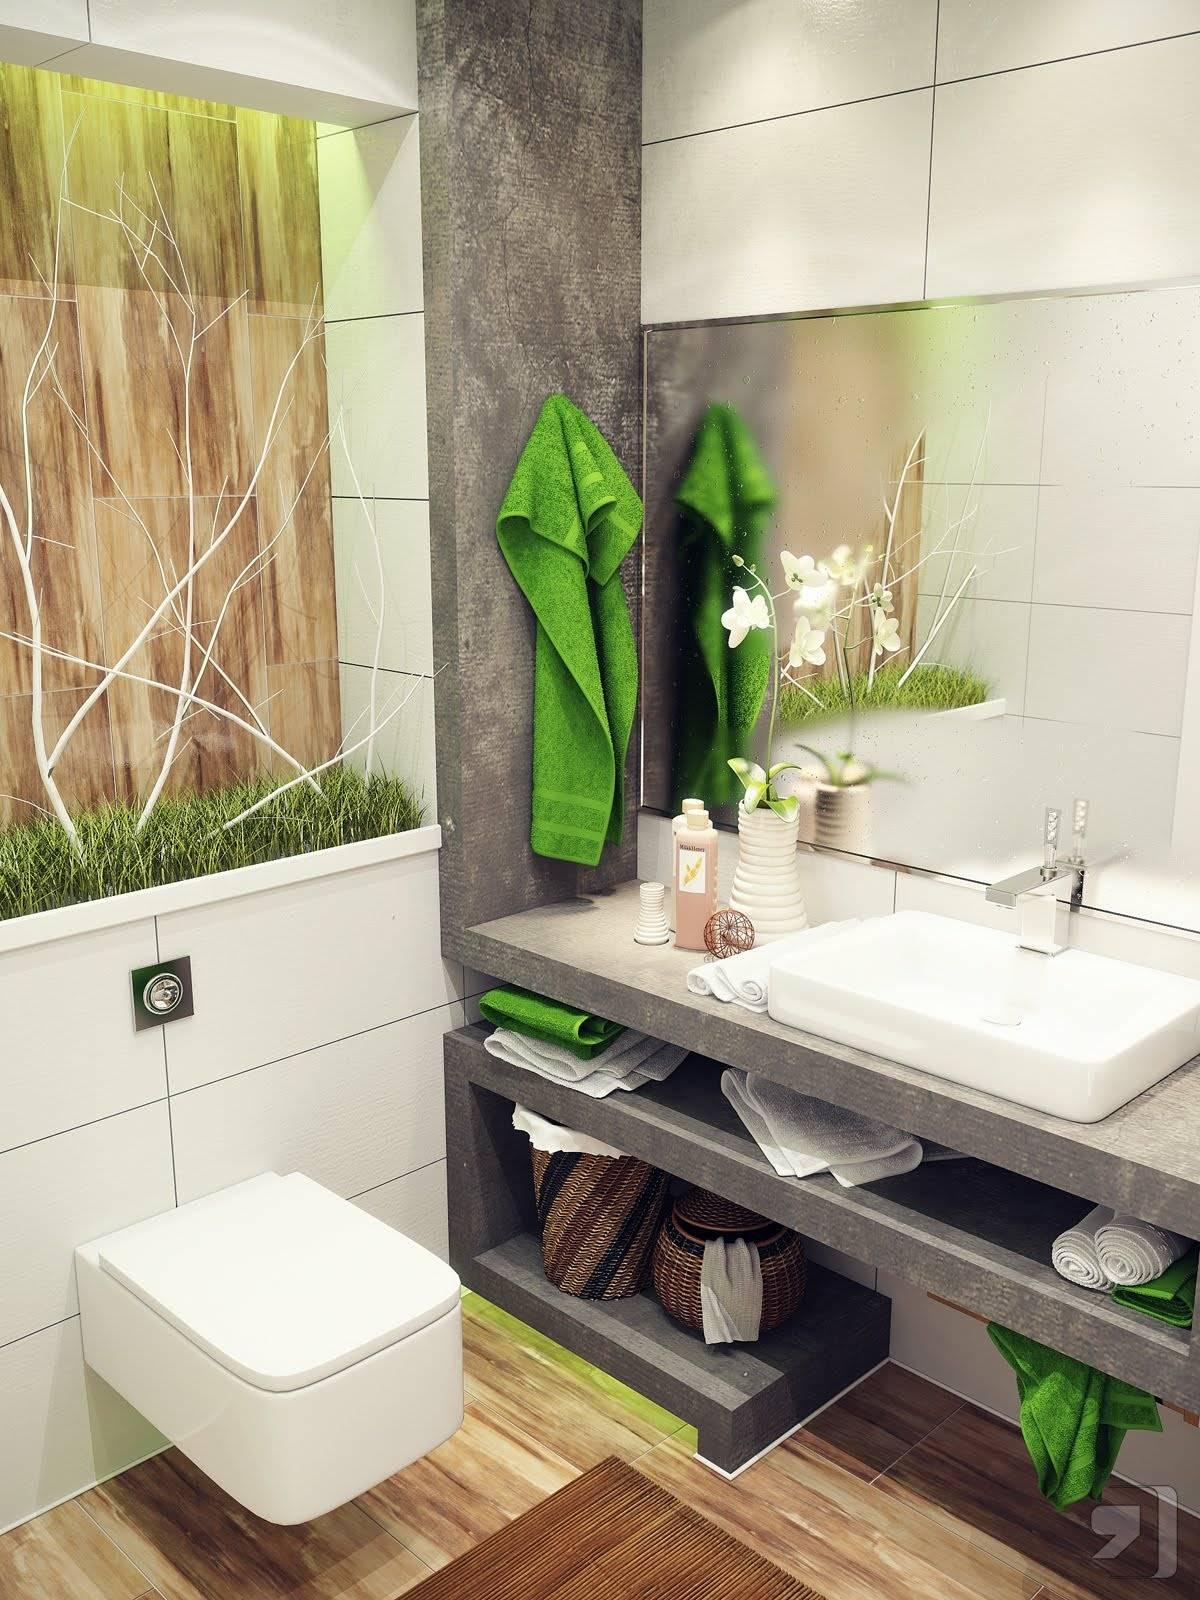 Функциональный дизайн ванной комнаты – полезные нюансы и фото! функциональный дизайн ванной комнаты – полезные нюансы и фото!